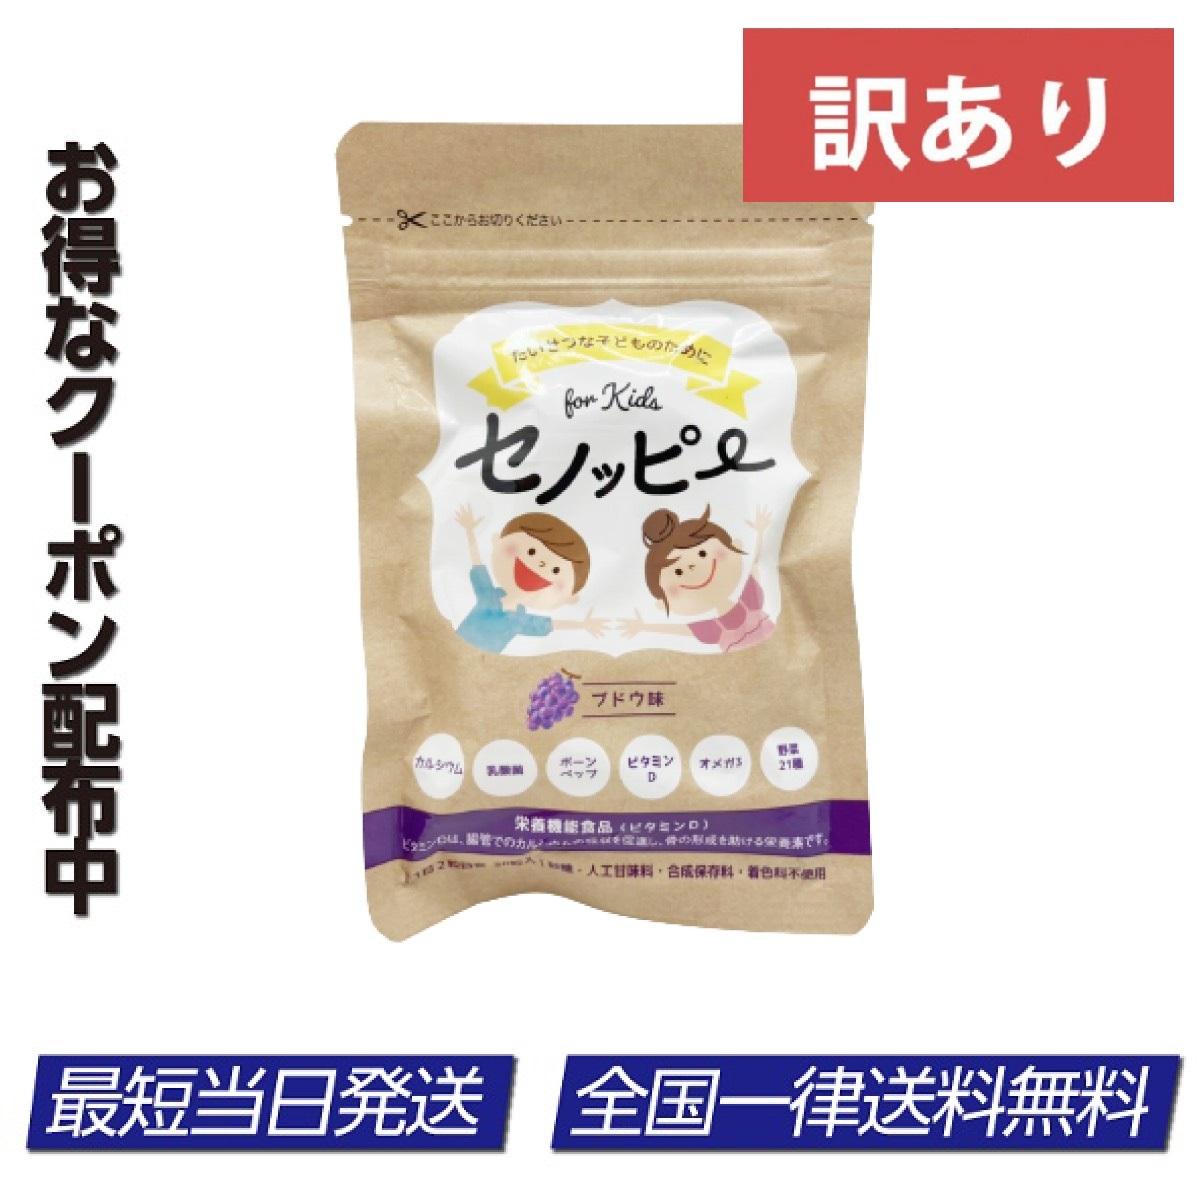 セノッピー 30粒 メーカー再生品 15日分 (人気激安) グミ 訳アリ サプリメント